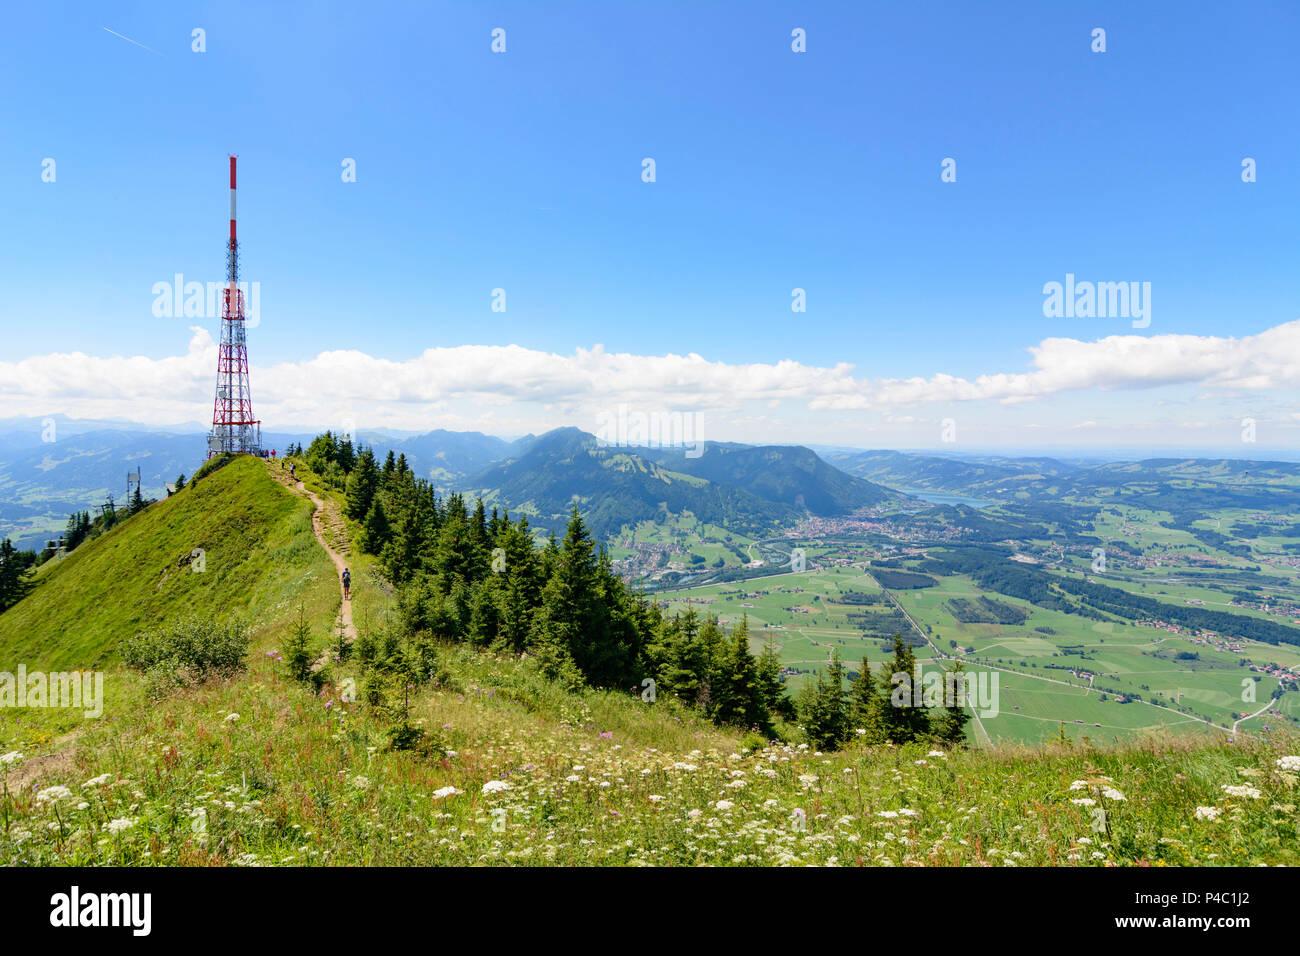 Immenstadt, mountain Grünten summit Hochwartspitze, transmitter, view to Immenstadt, Schwaben, Allgäu, Swabia, Bavaria, Germany Stock Photo